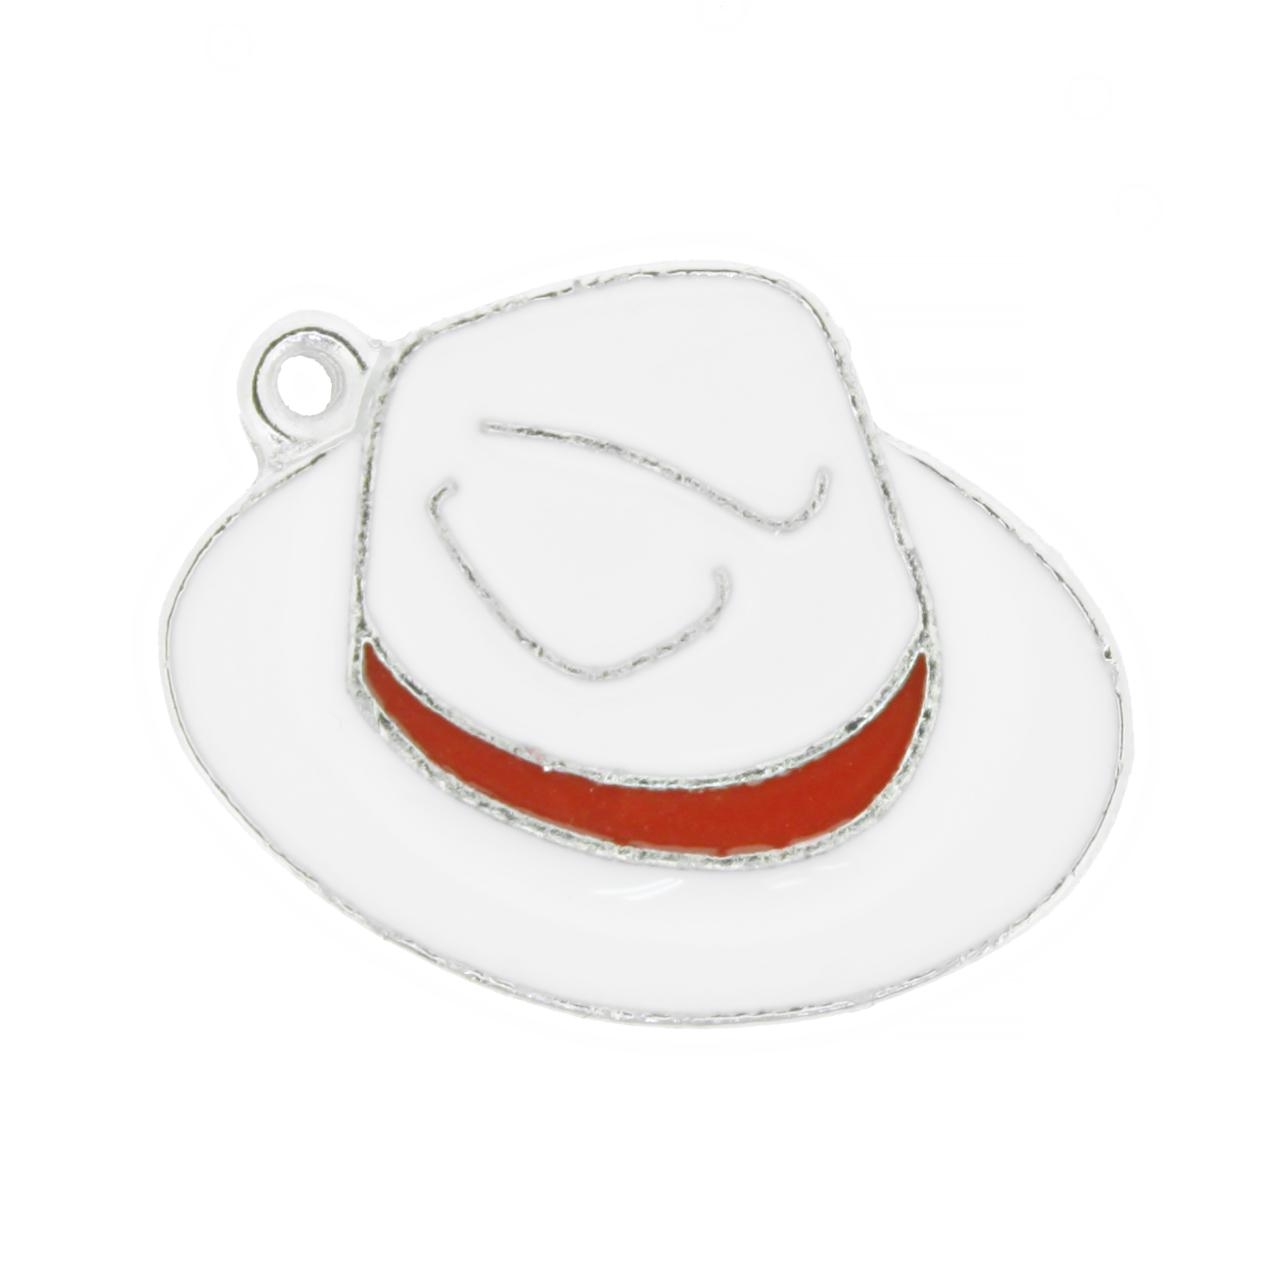 Chapéu Resinado Níquel - Branco e Vermelho - 22mm  - Universo Religioso® - Artigos de Umbanda e Candomblé